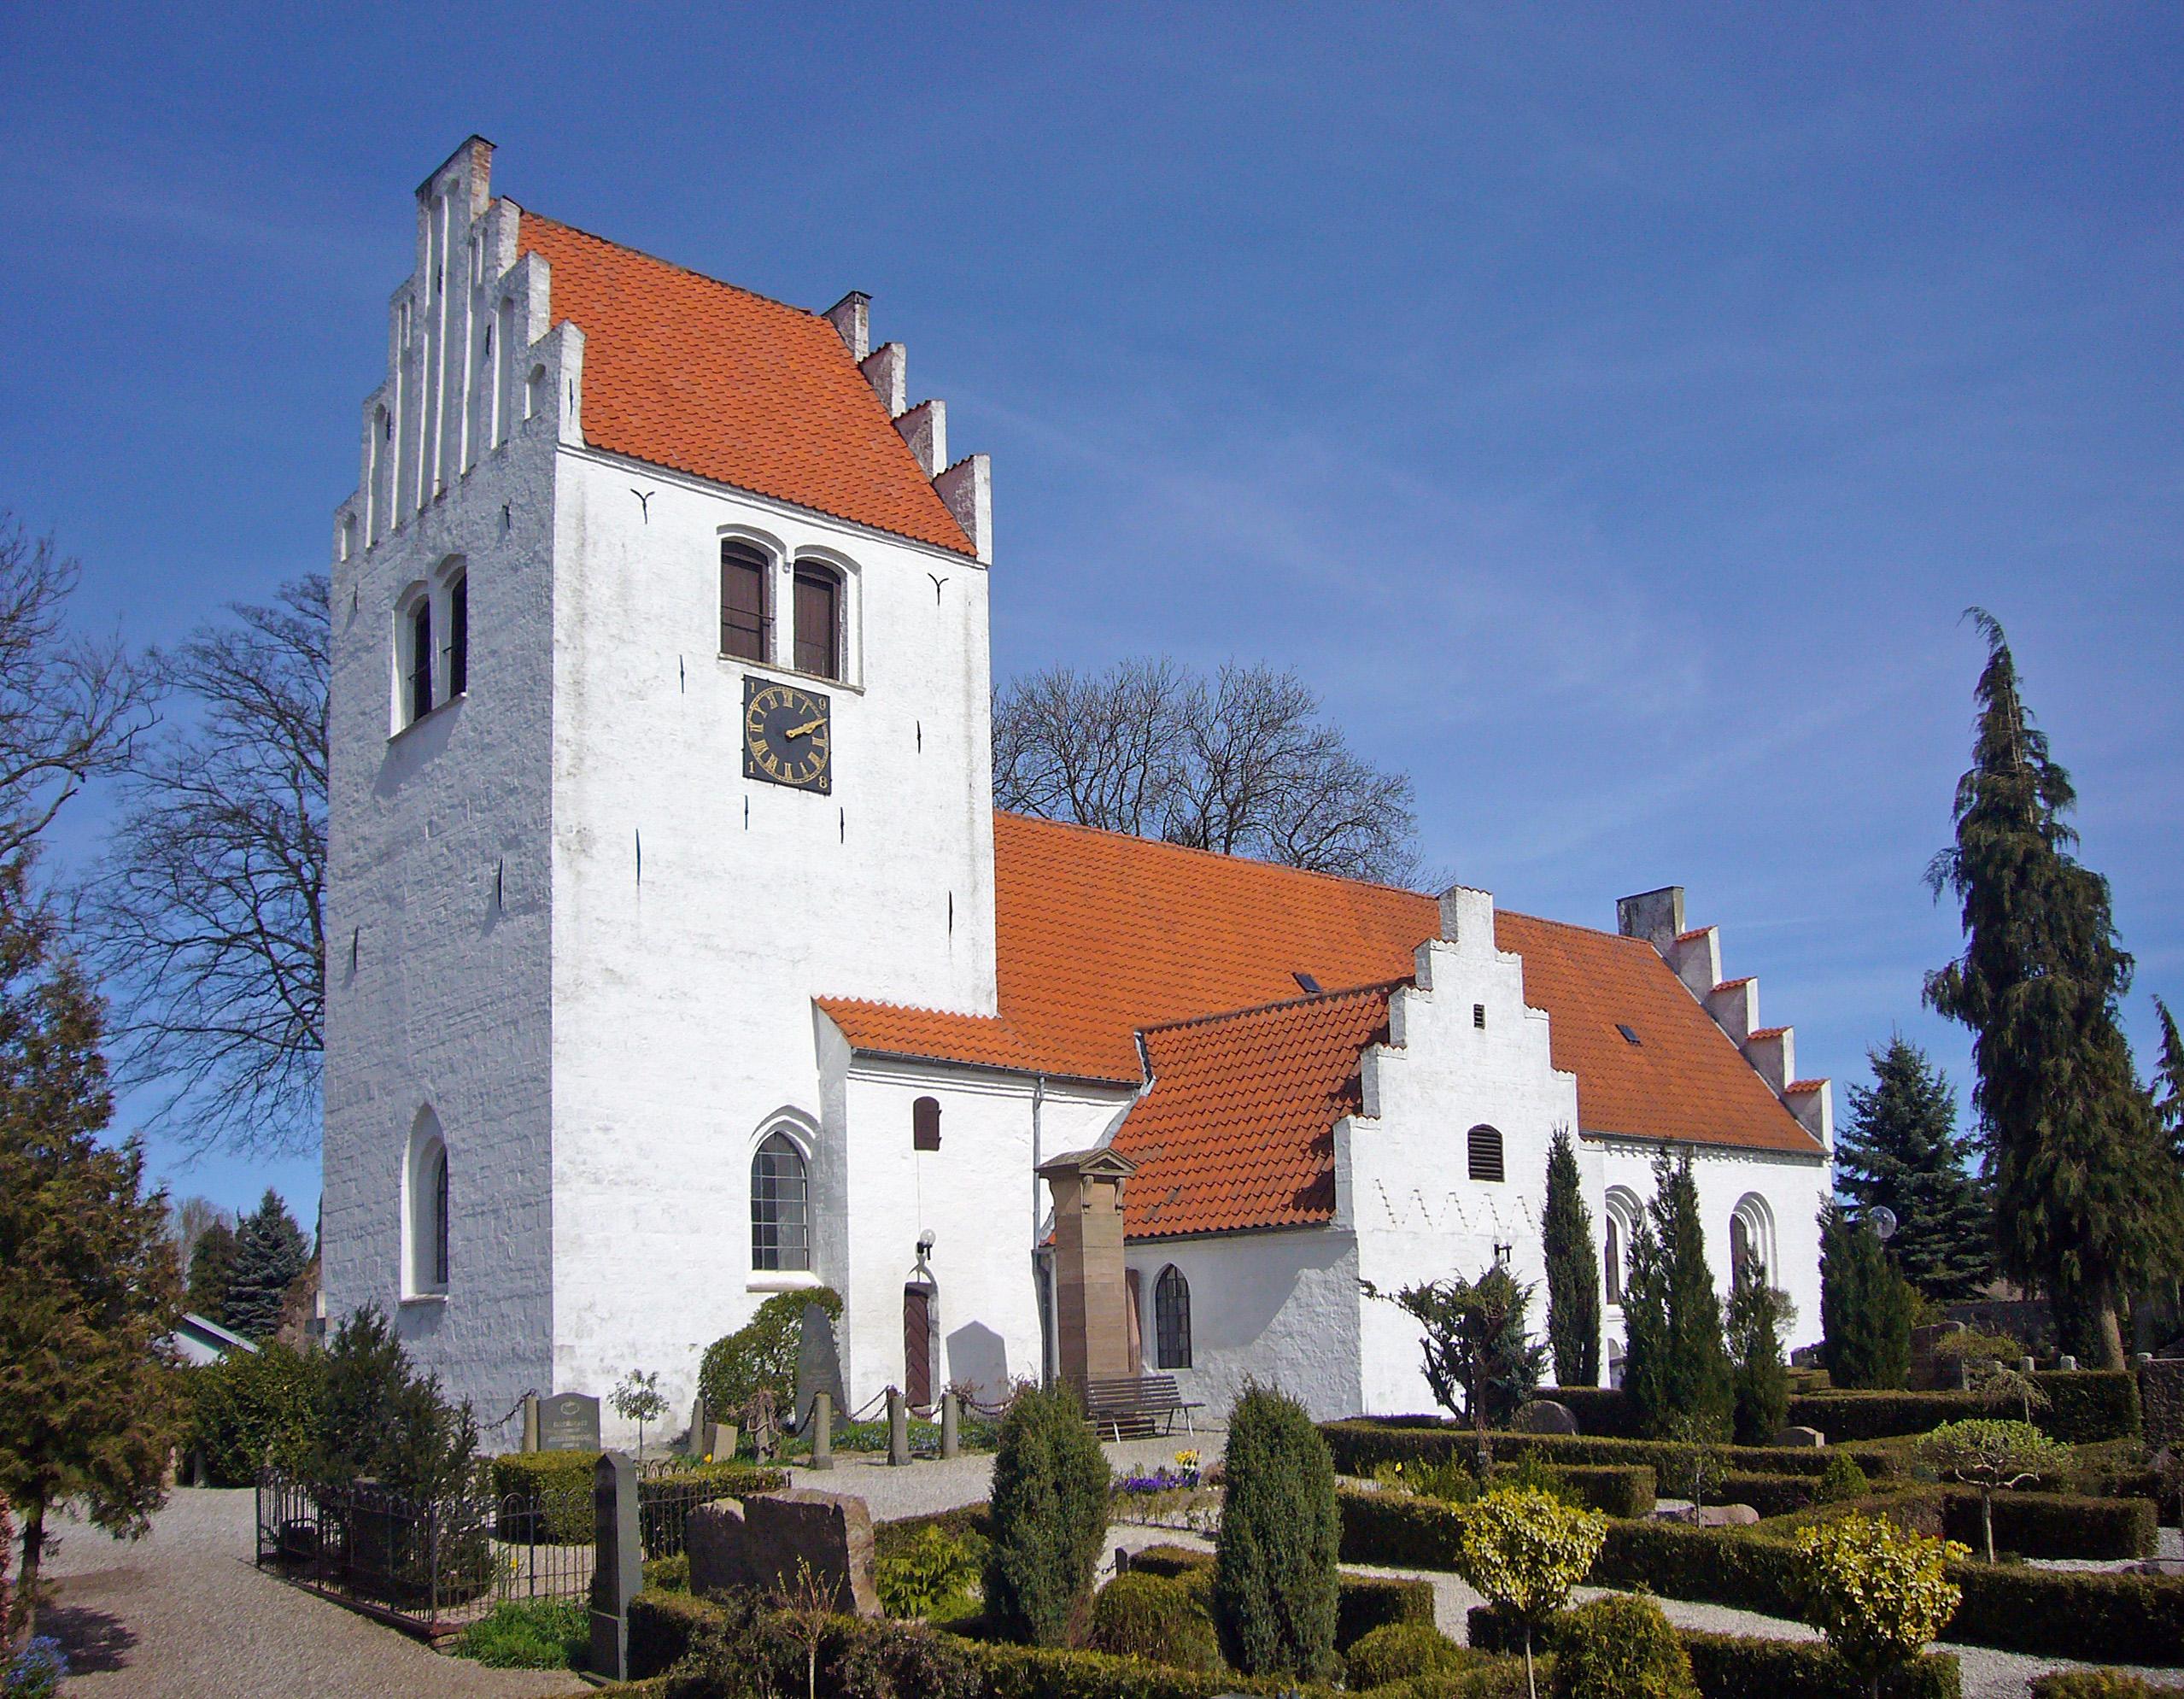 Taastrup Denmark  city photos gallery : Sengeloese Kirke Hoeje Taastrup Denmark Wikimedia Commons